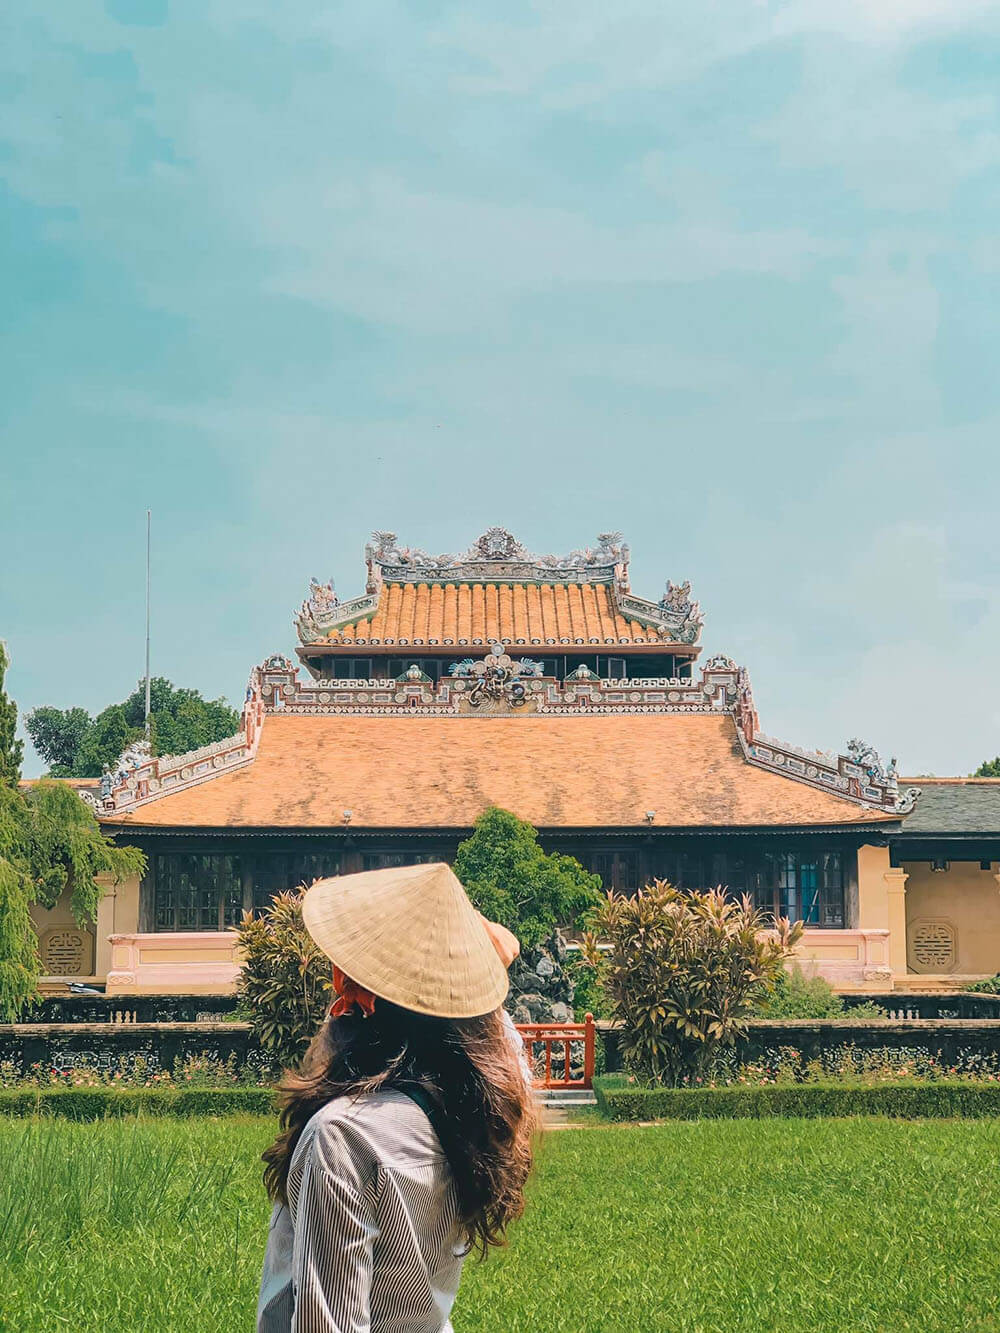 Quan The Di Tich Hoan Cung Hue Dai Noi Hue Review Hue Da Nang Hoi An Ninh Binh 7n7d Chi Voi 8 Trieu Tin Duoc Khong 04